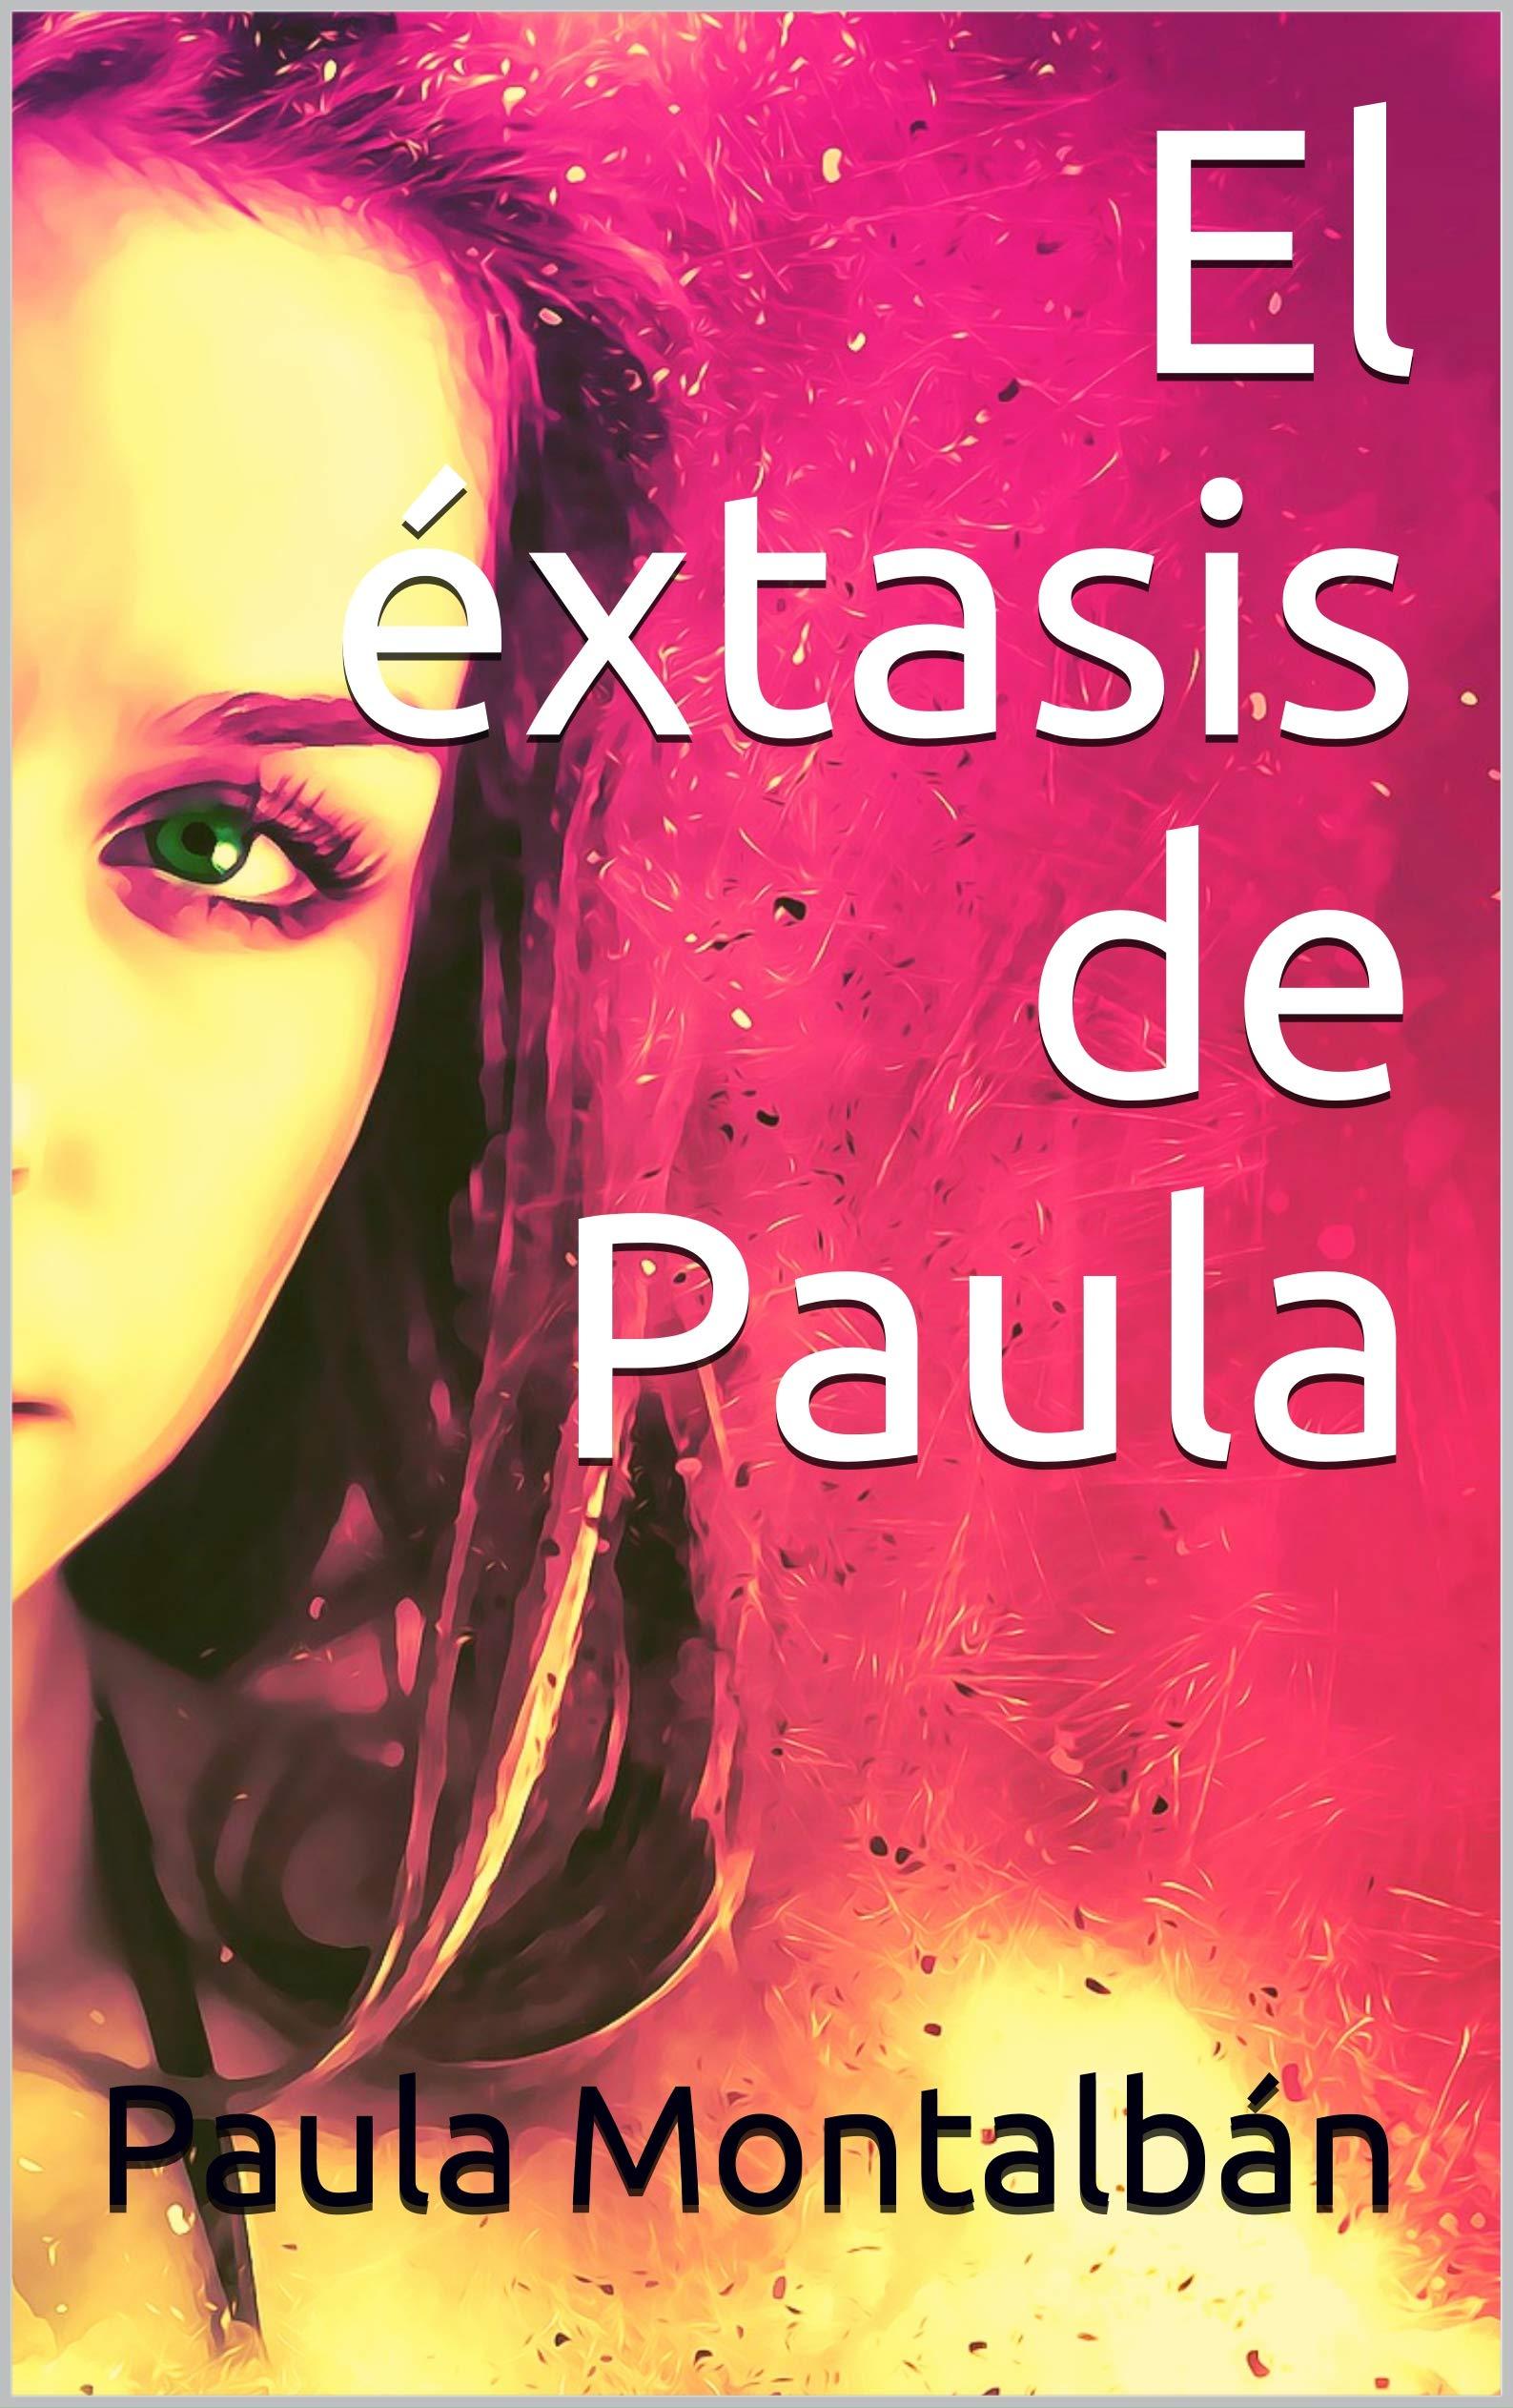 El éxtasis de Paula